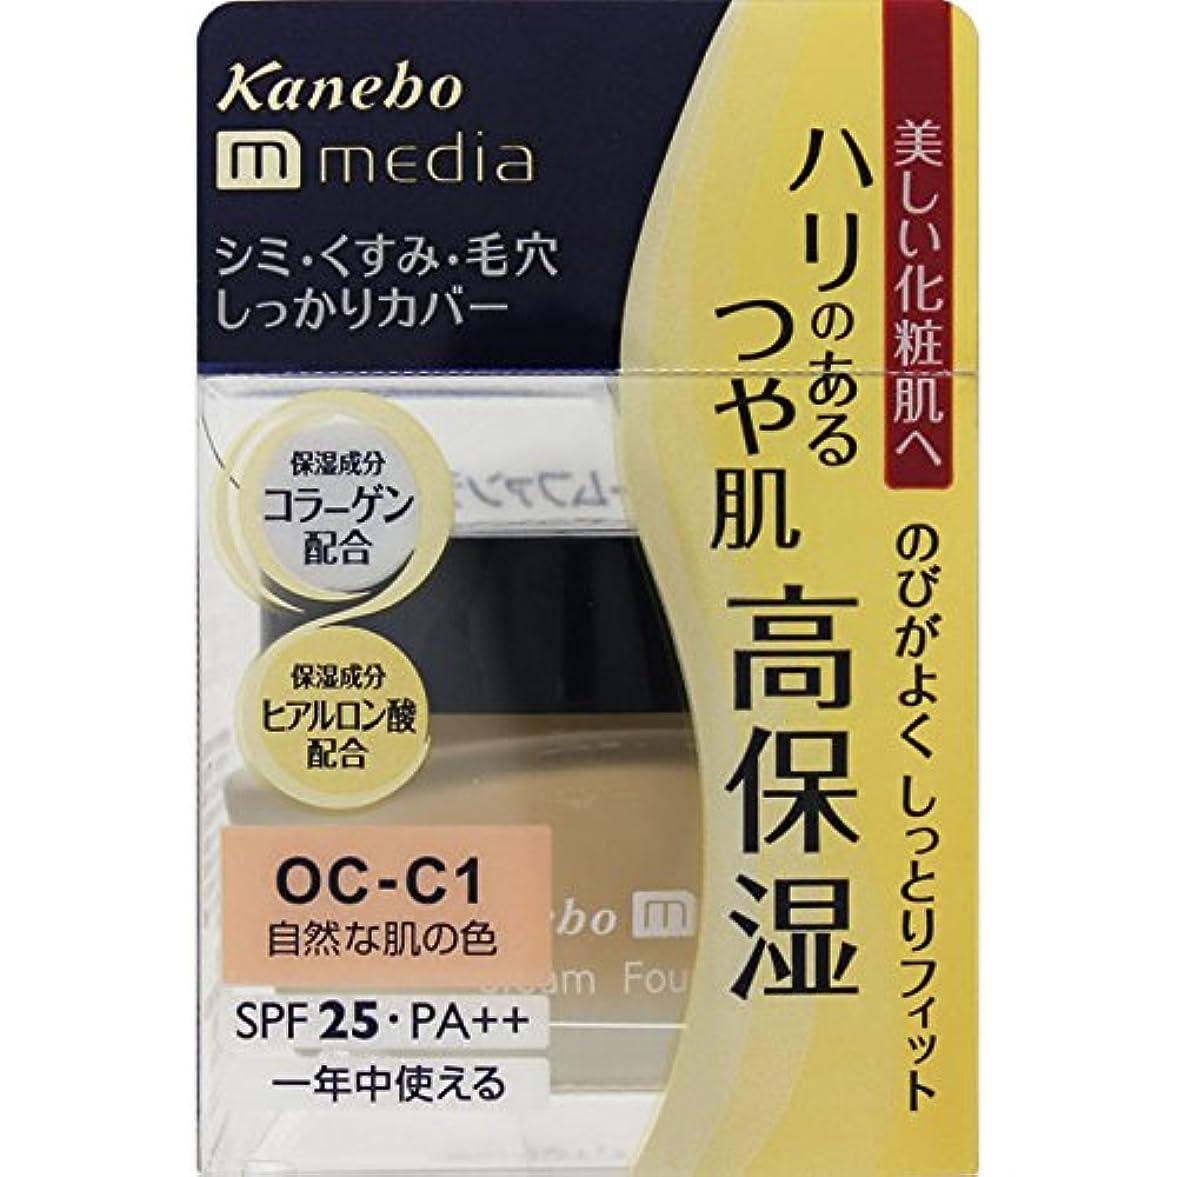 認証学校教育打撃カネボウ media(メディア) クリームファンデーション OC-C1(自然な肌の色)